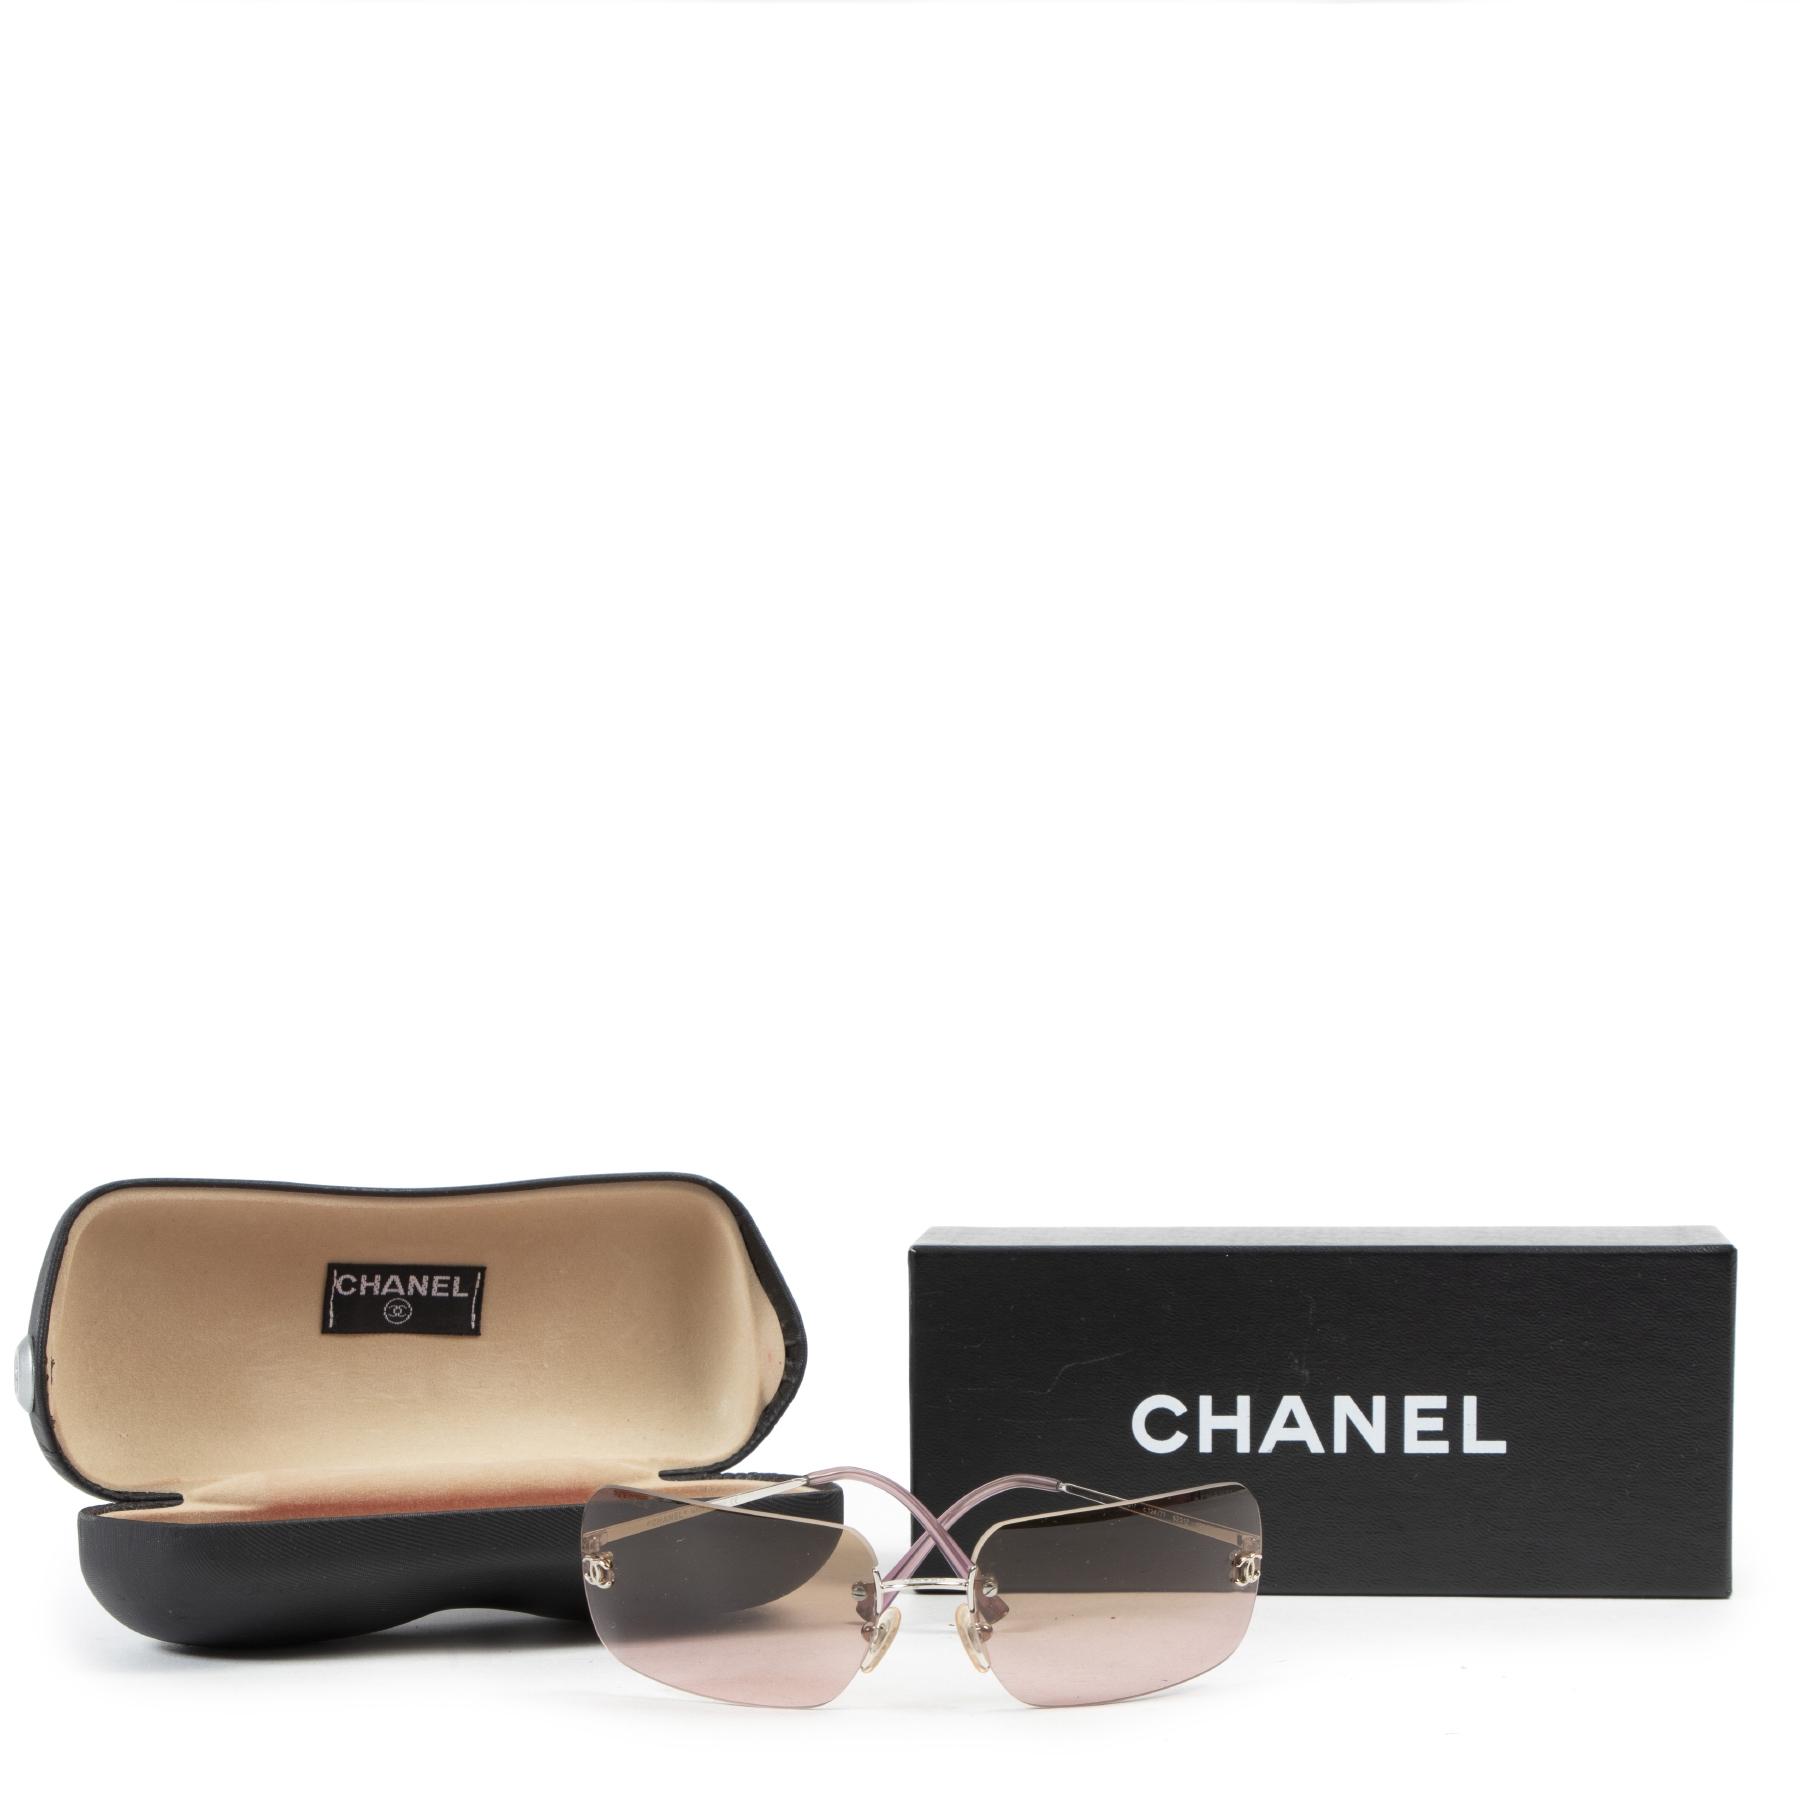 Chanel Purple Ombre Sunglasses pour le meilleur prix chez labellov à Anvers Belgique